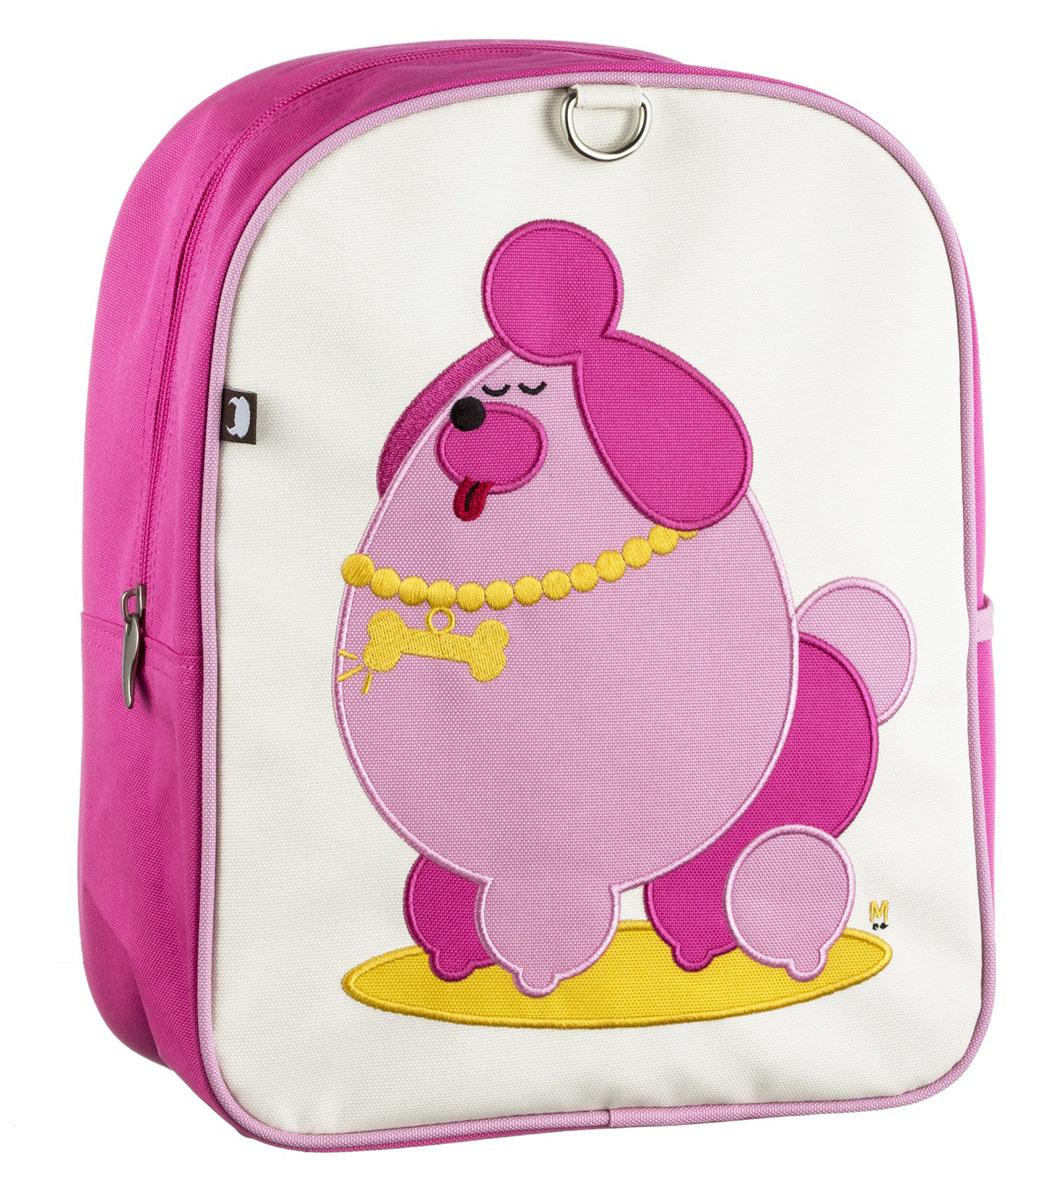 Рюкзак детский Beatrix Little Kid Pocchari-Poodle, цвет: молочный, розовый, желтый рюкзак beatrix рюкзак